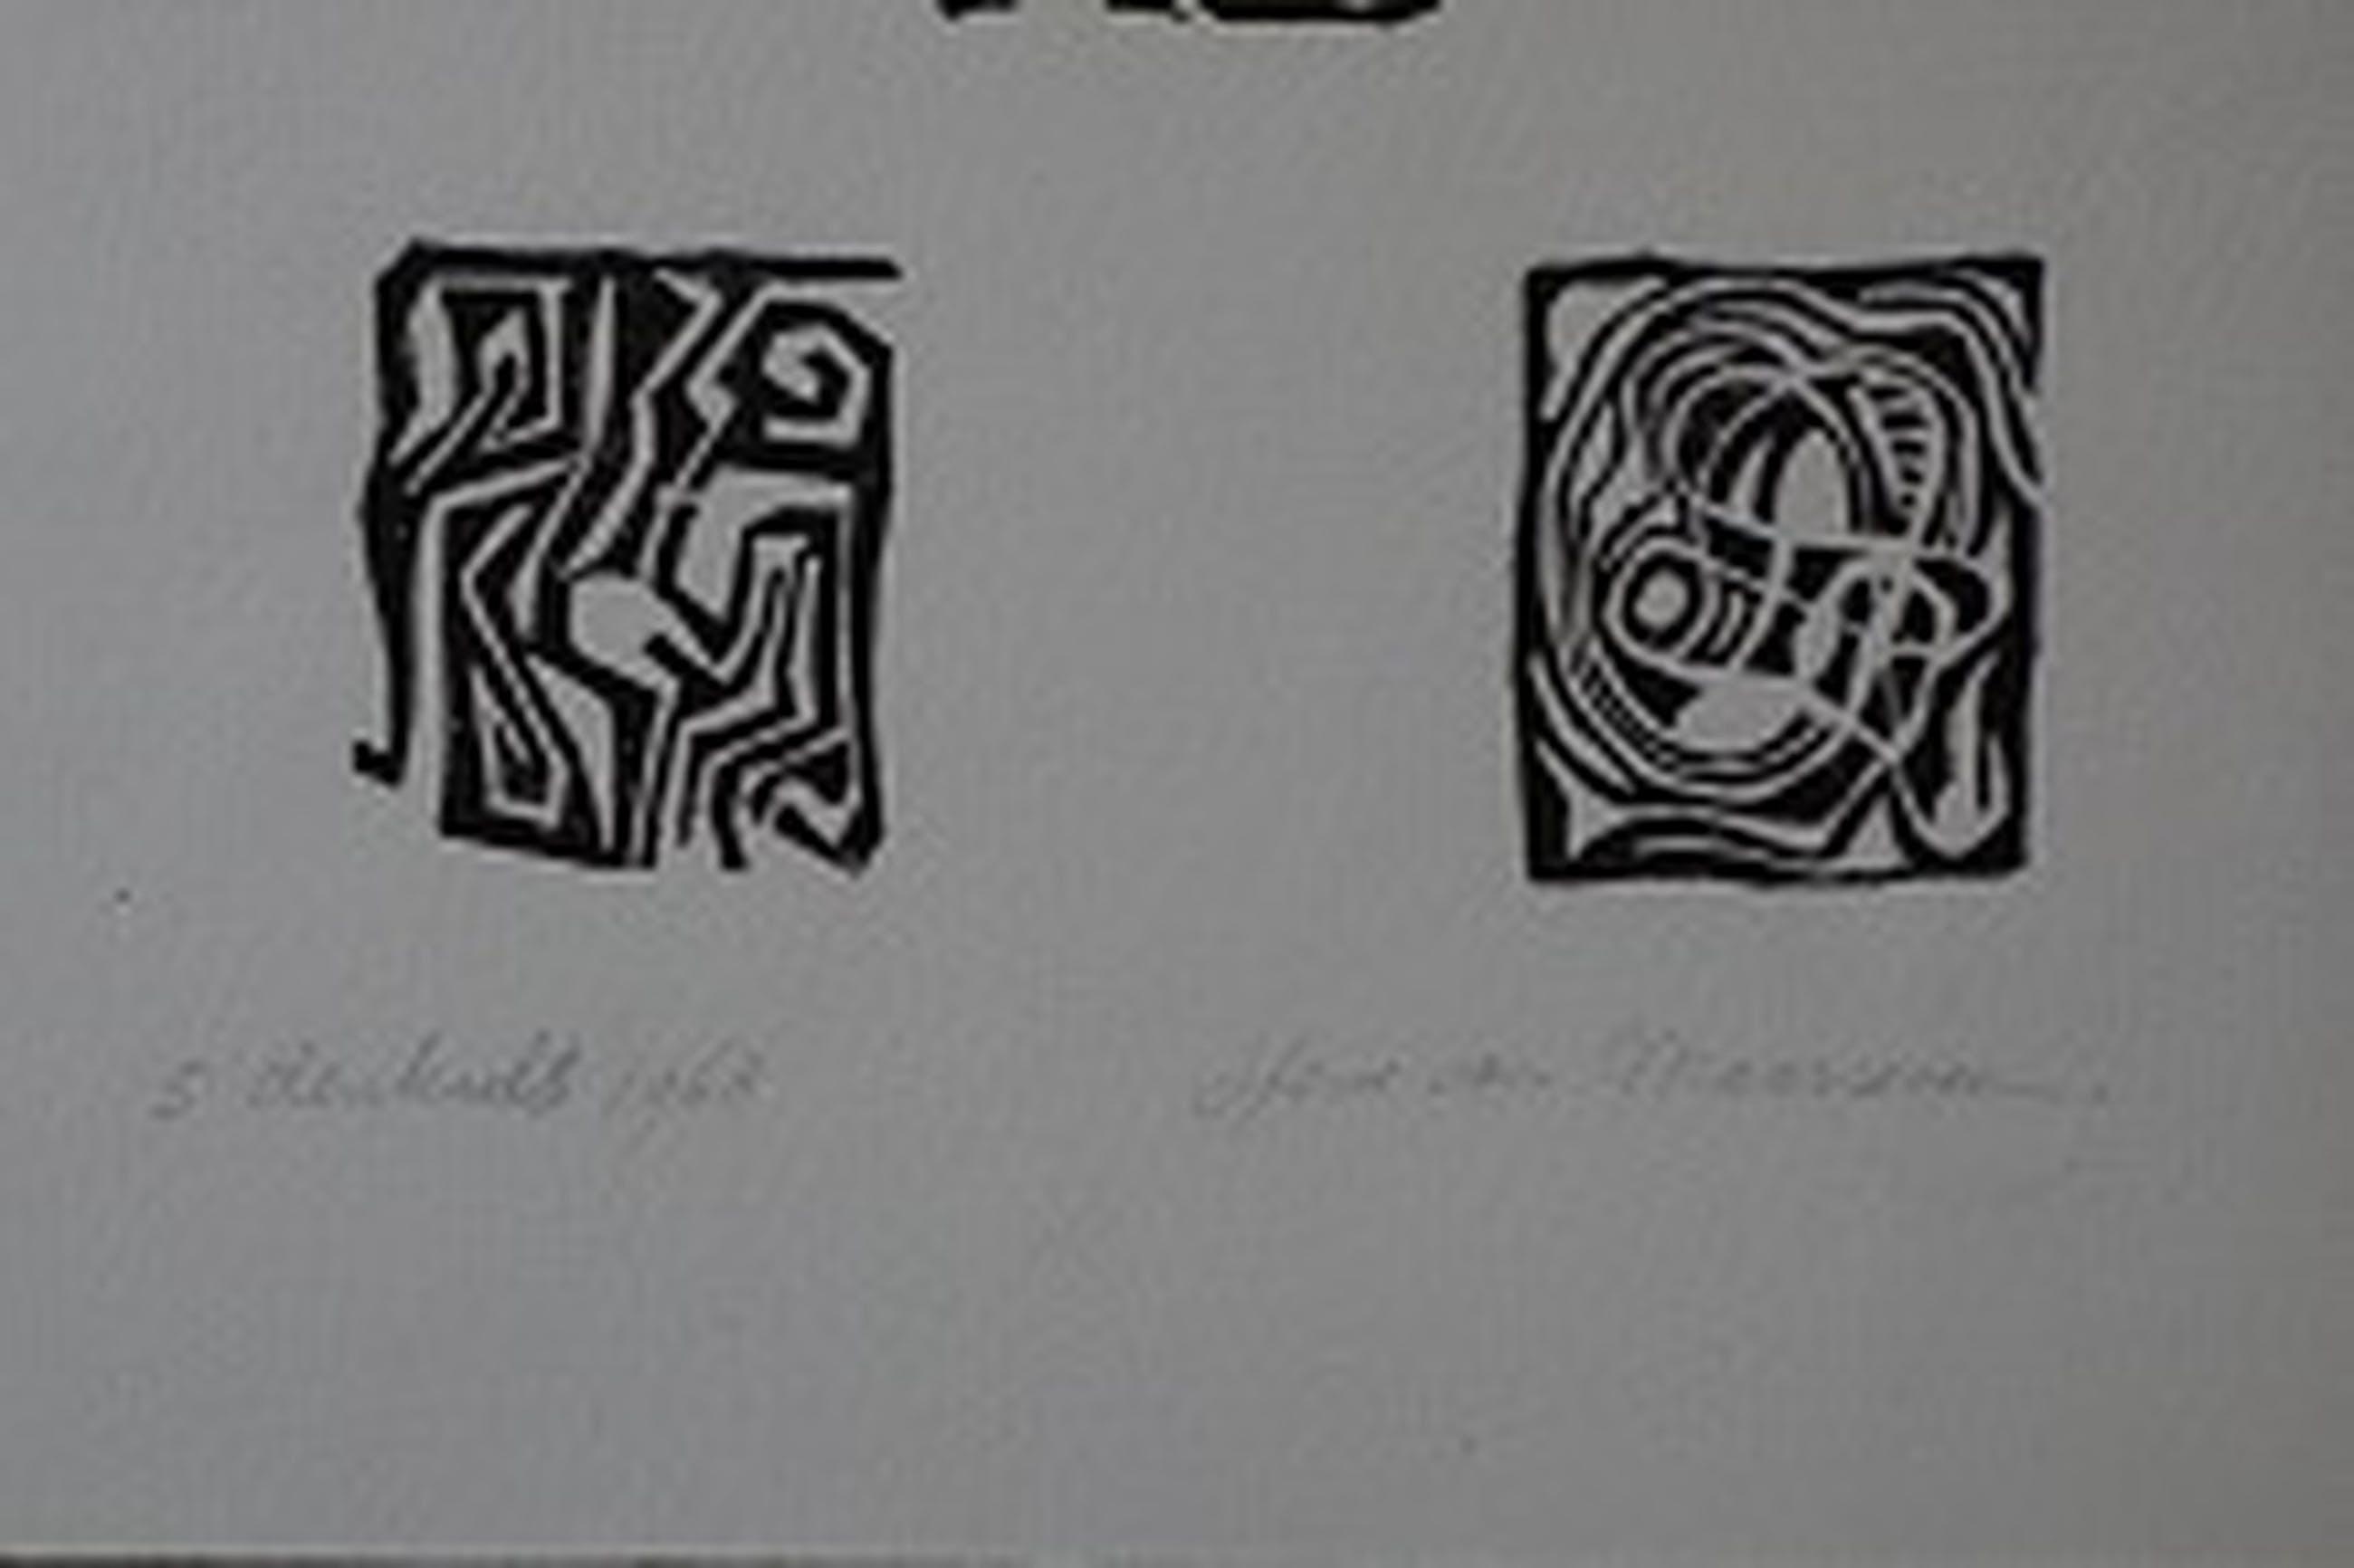 Henc van Maarseveen, 5 druksels 1968. kopen? Bied vanaf 10!